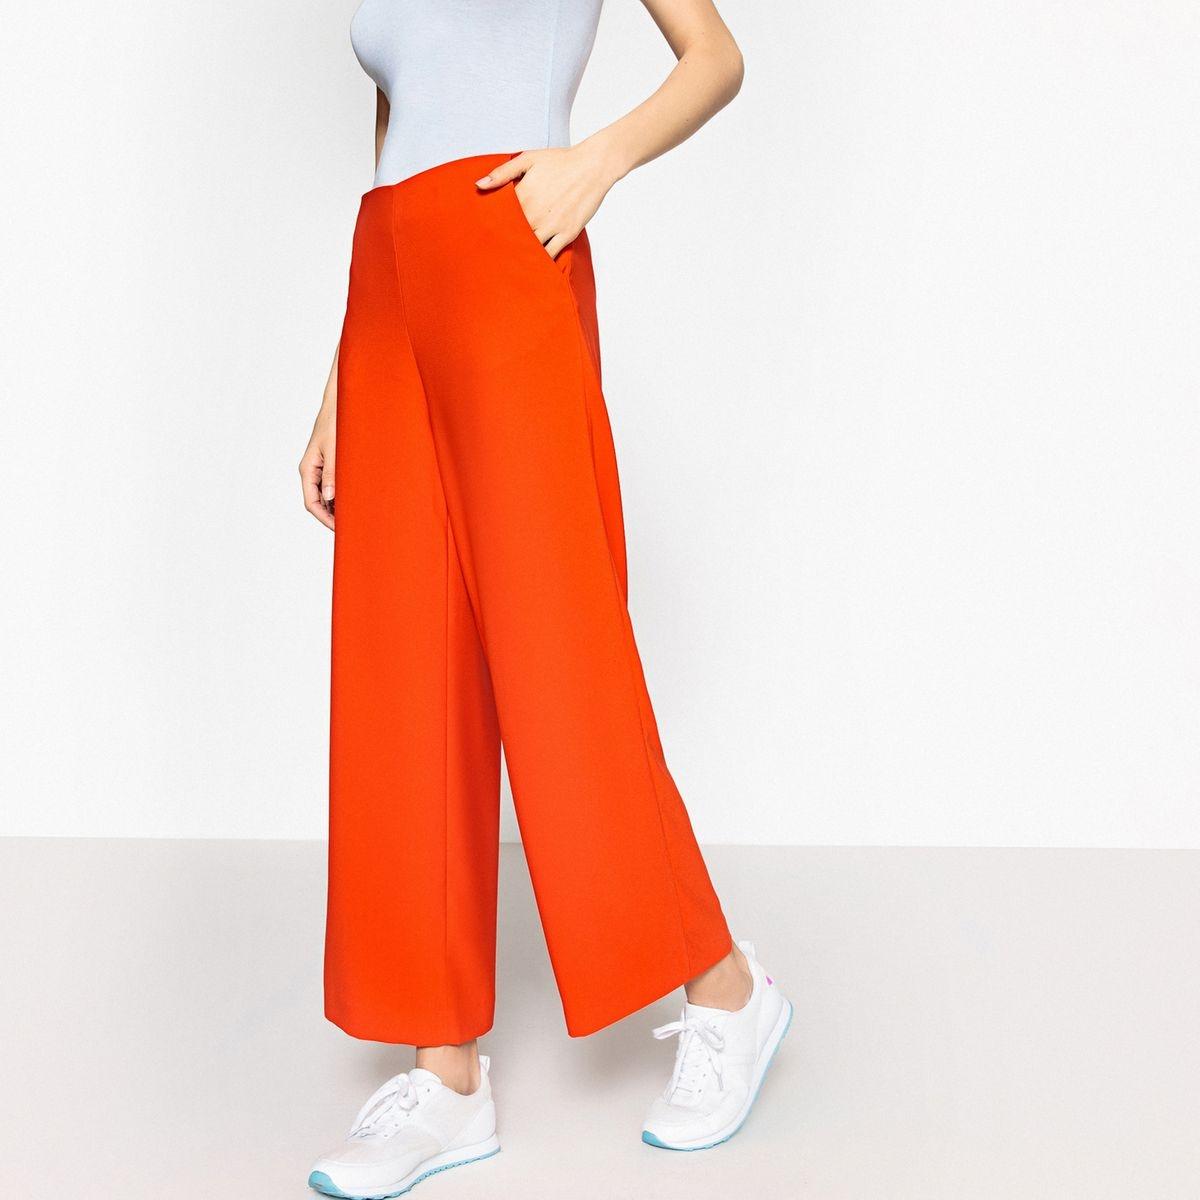 deb0274308ec Catégorie Pantalons femmes page 5 - Guide des produits